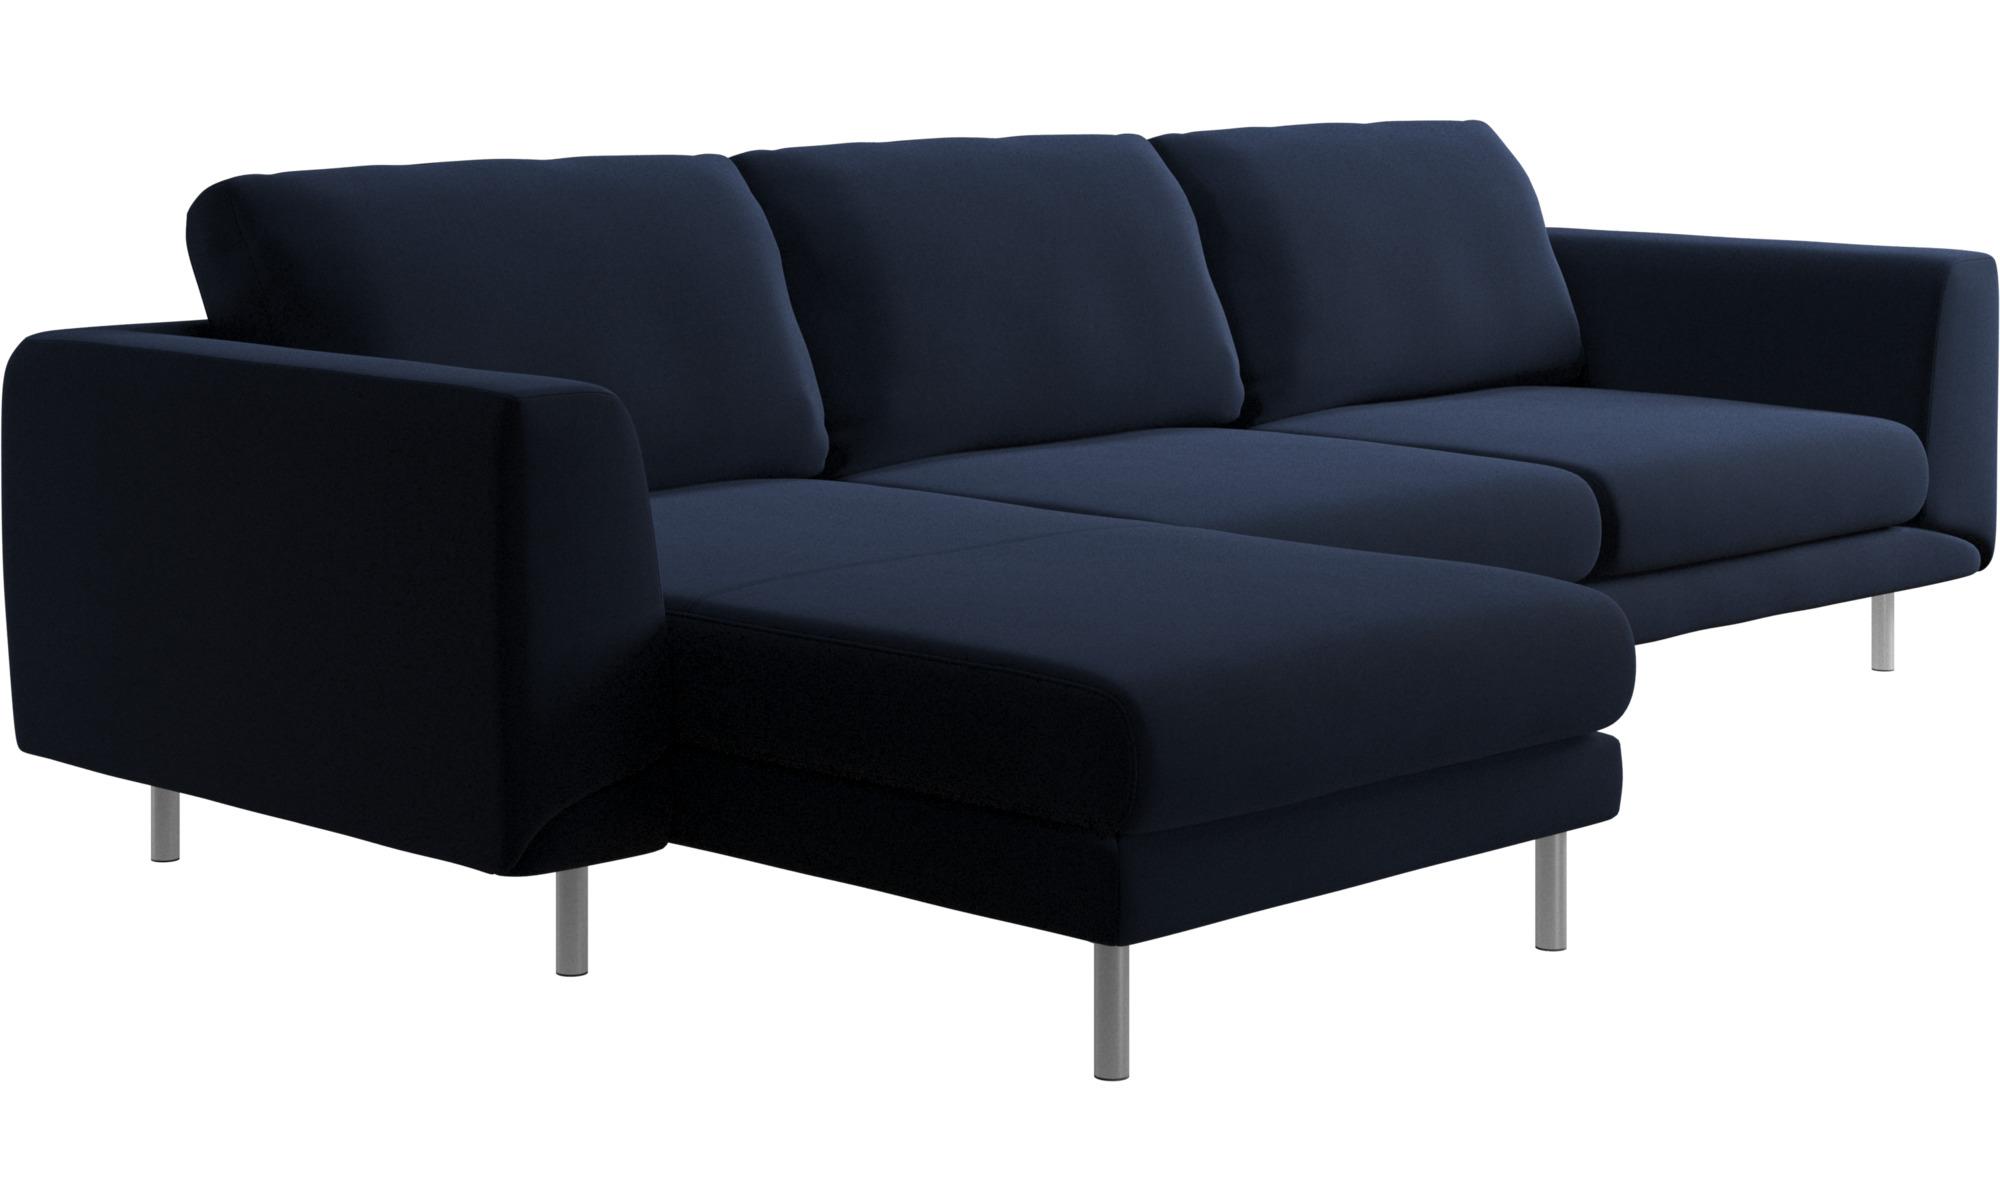 Sof s con chaise longue sof fargo con m dulo chaise - Sofa con chaise ...